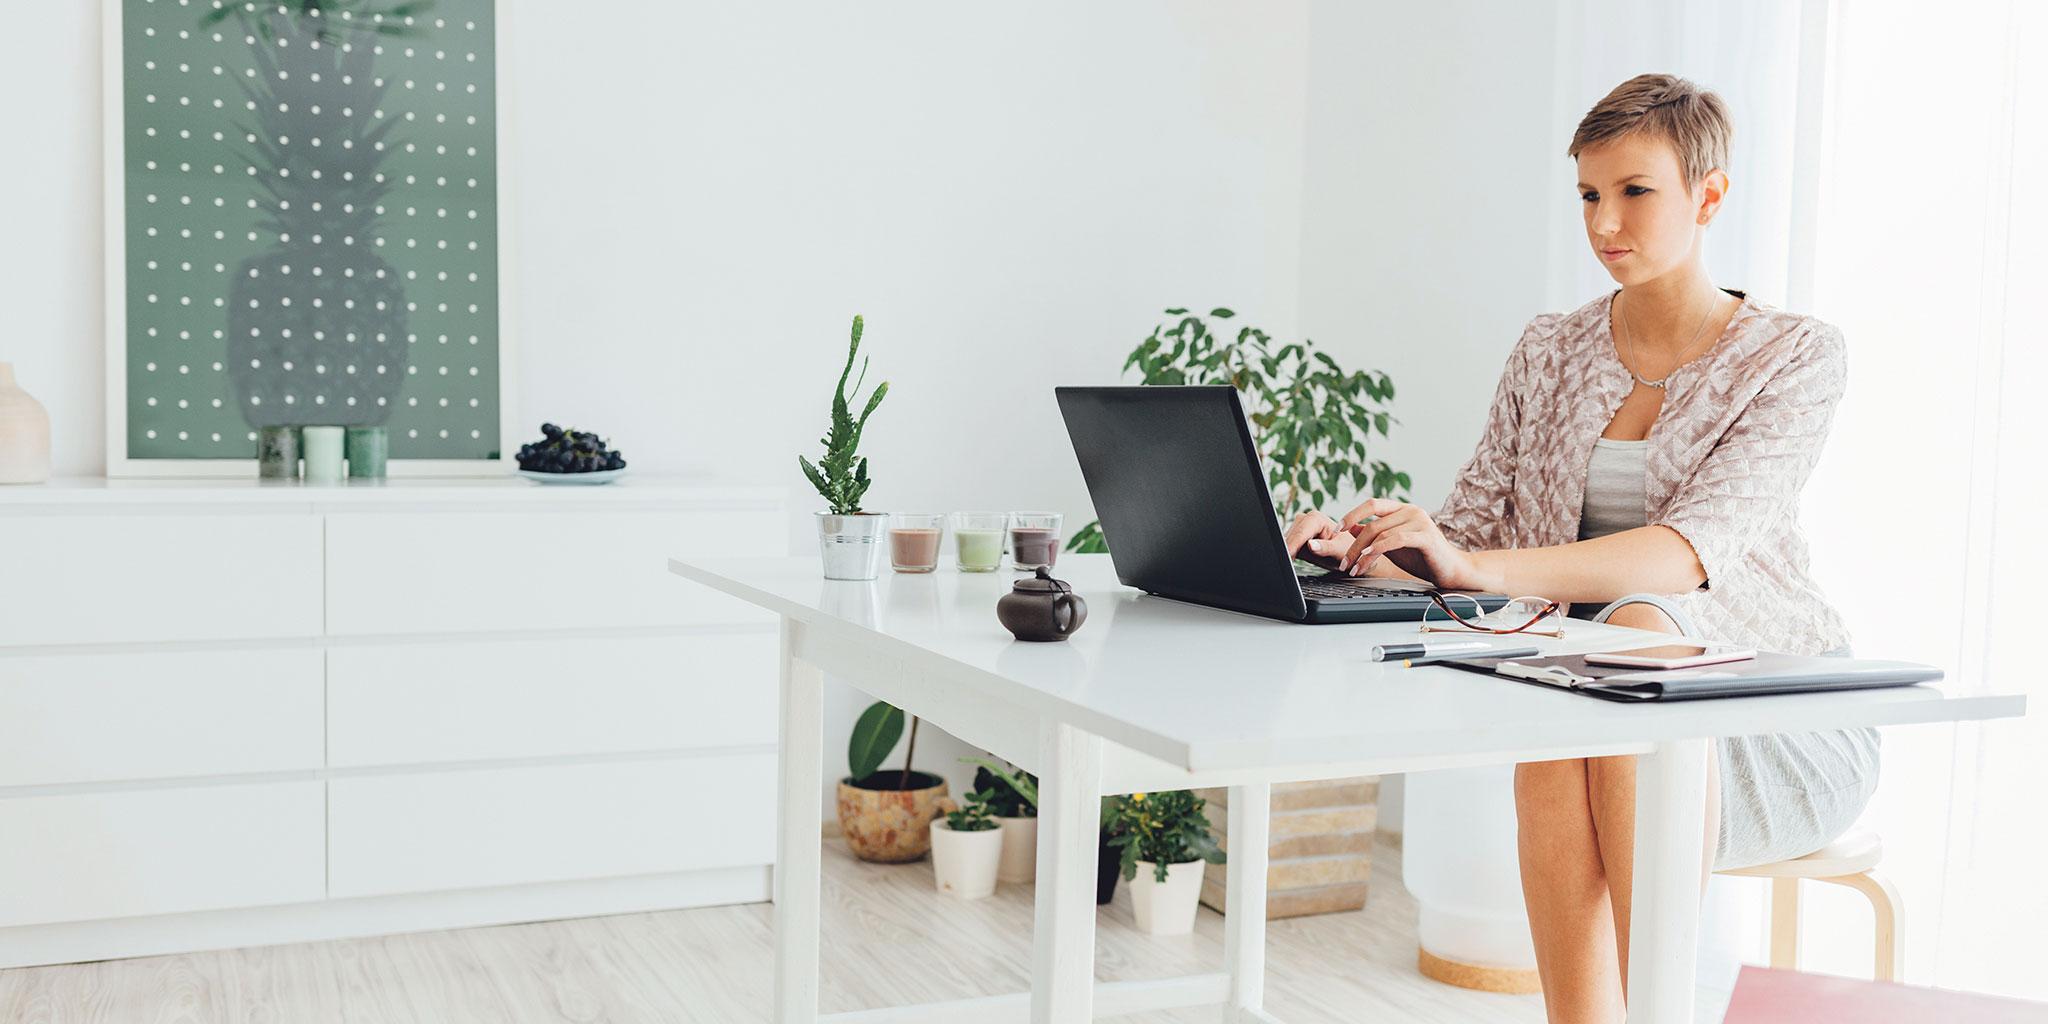 Femme avec les jambes croisées à un bureau occupé avec son ordinateur portable